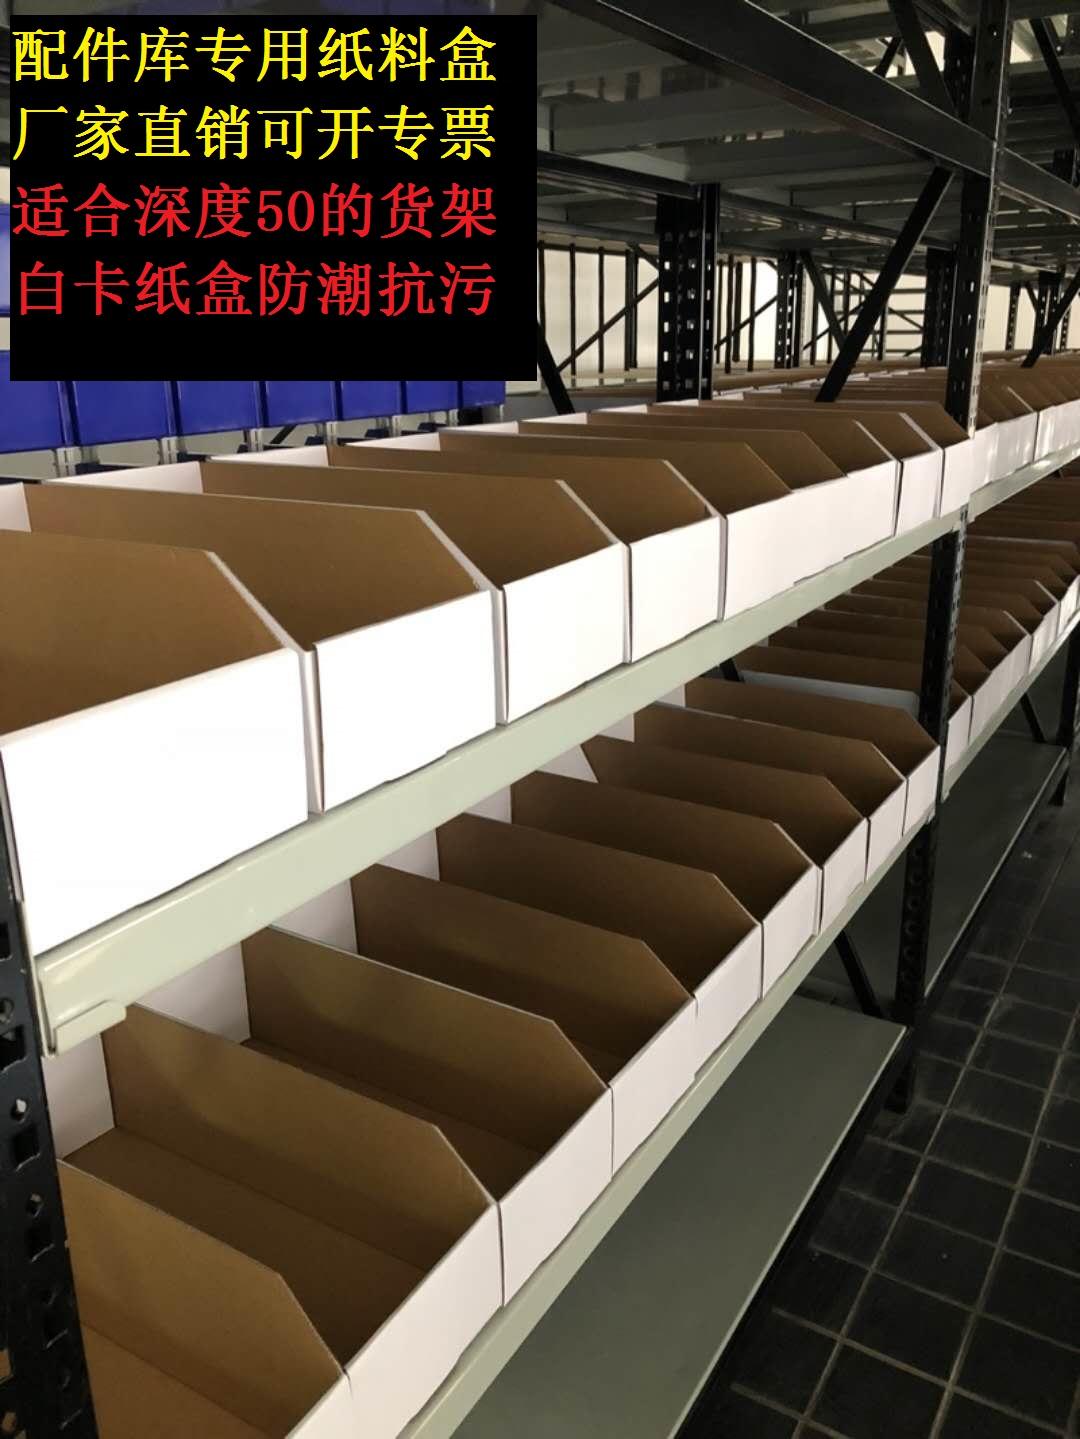 均有现货  量大价格优惠 可开票纸料盒厂家直营 600宽货架库位盒